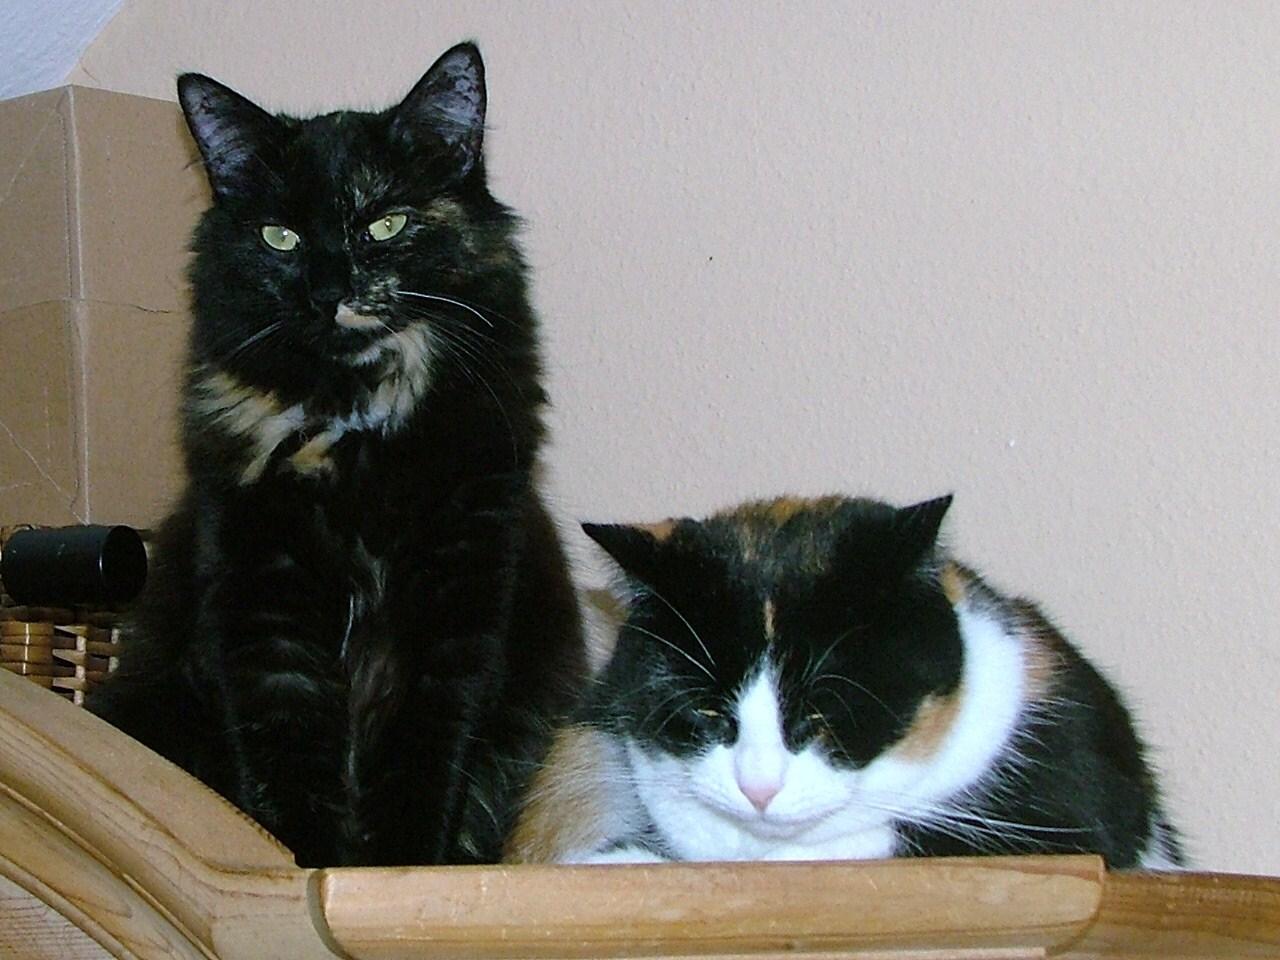 dunkle rasse katzen mit gr nen oder blauen augen katze z chter katzenrasse. Black Bedroom Furniture Sets. Home Design Ideas